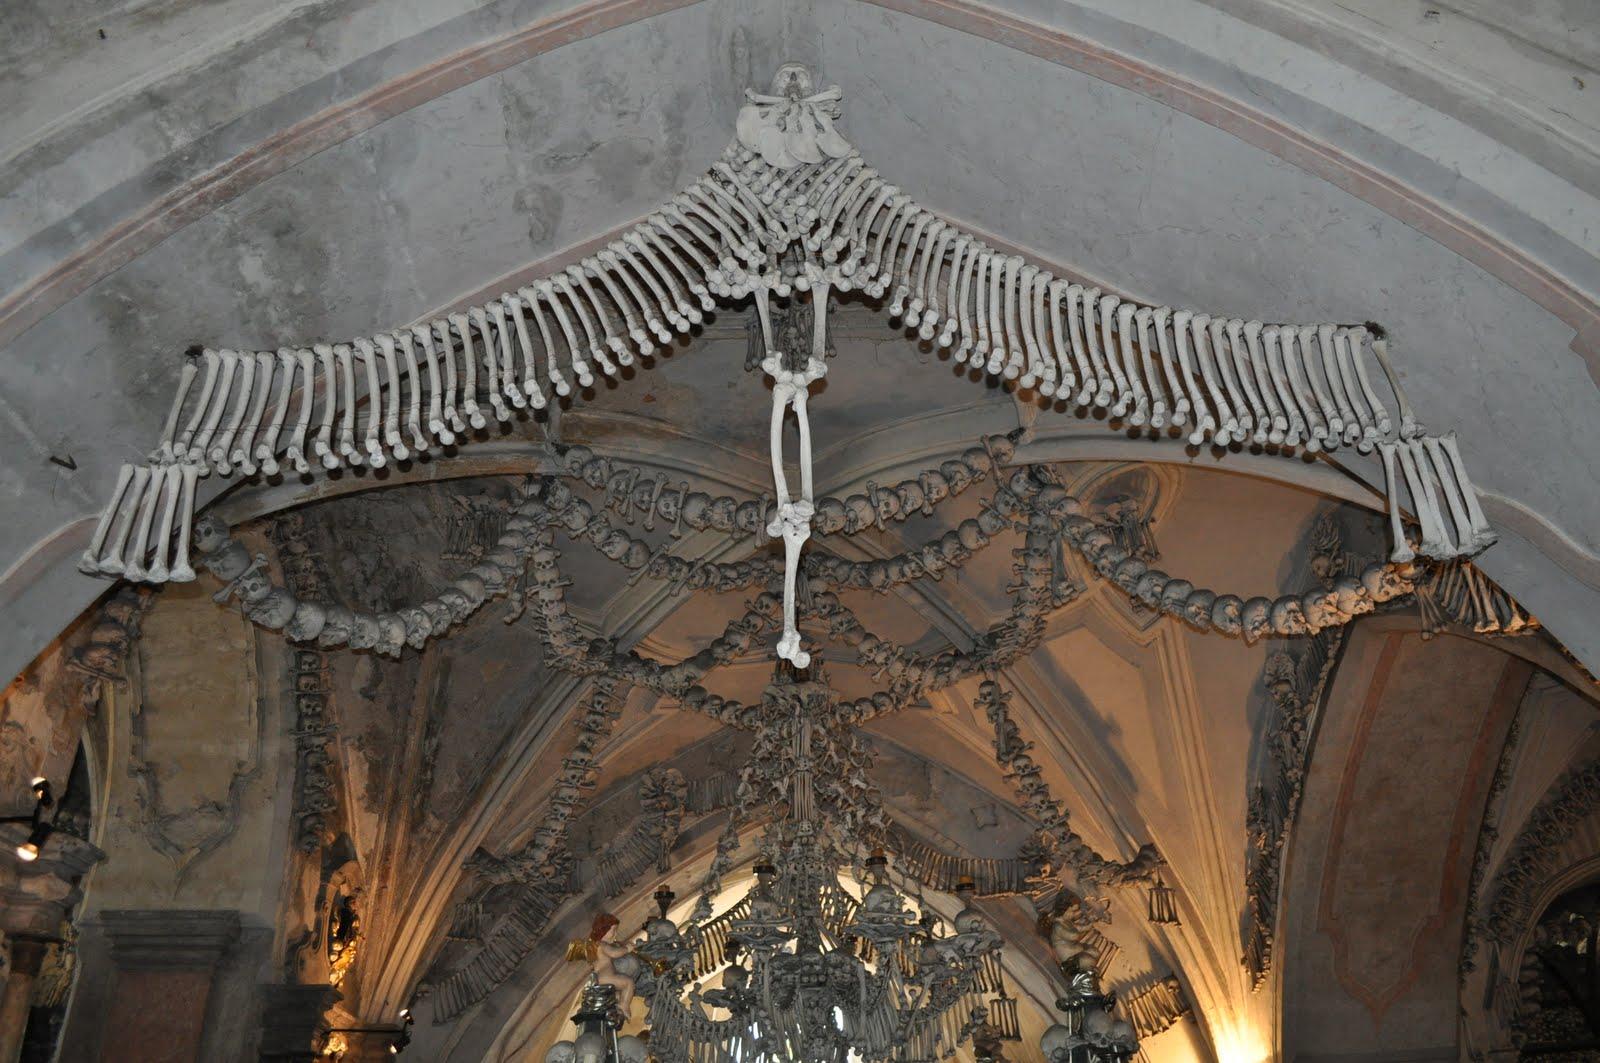 Decorații din oseminte sunt peste tot ăn Biserica Oaselor